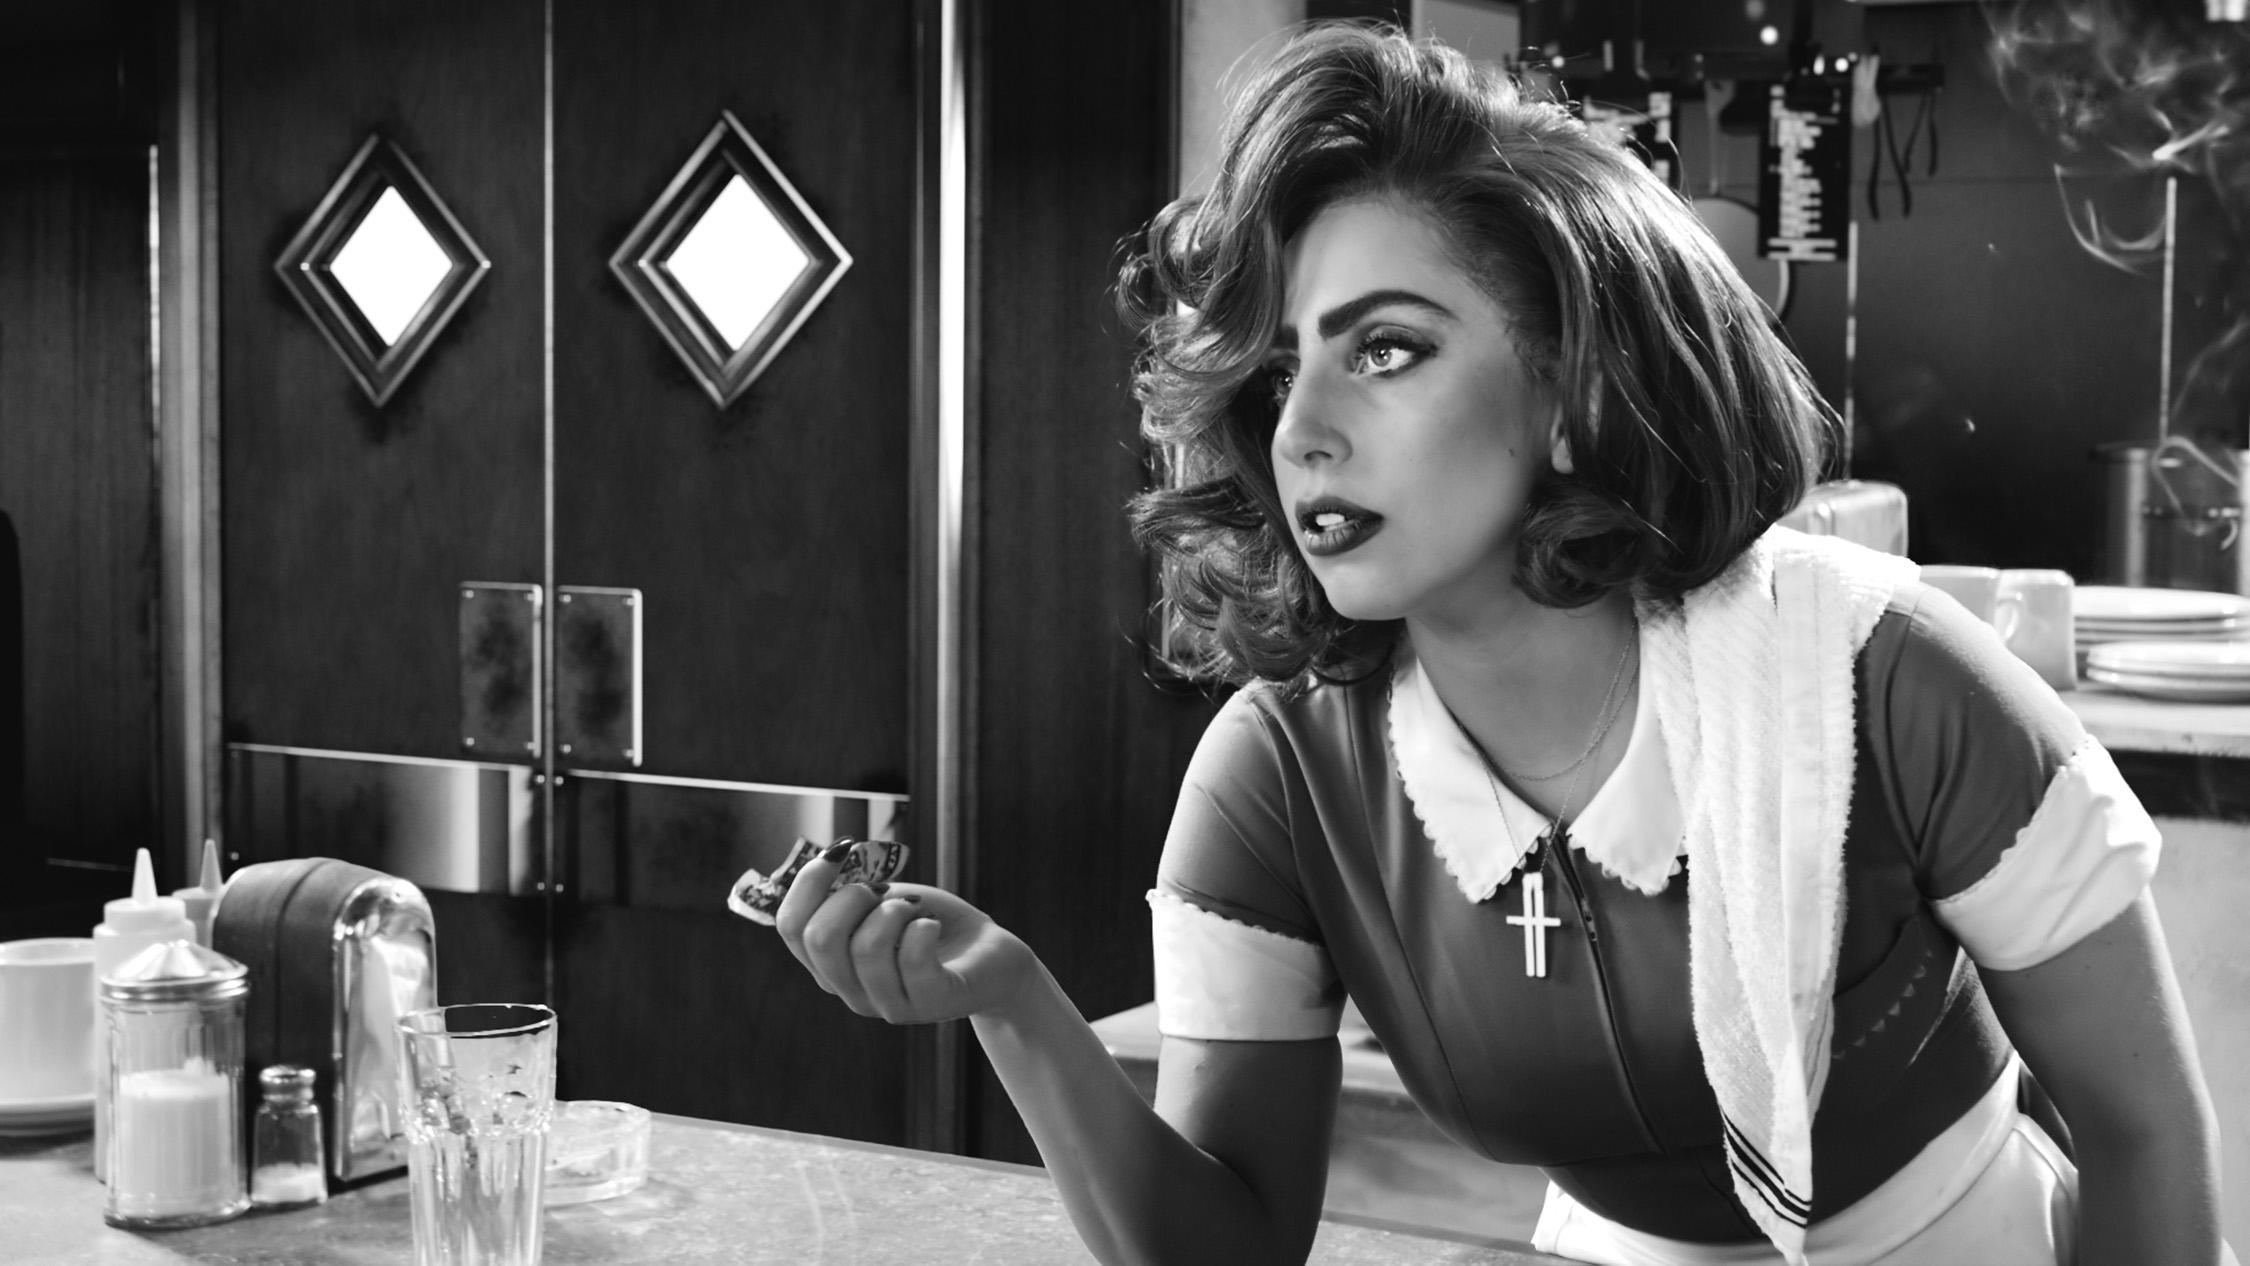 кадры из фильма Город грехов 2 Леди Гага,